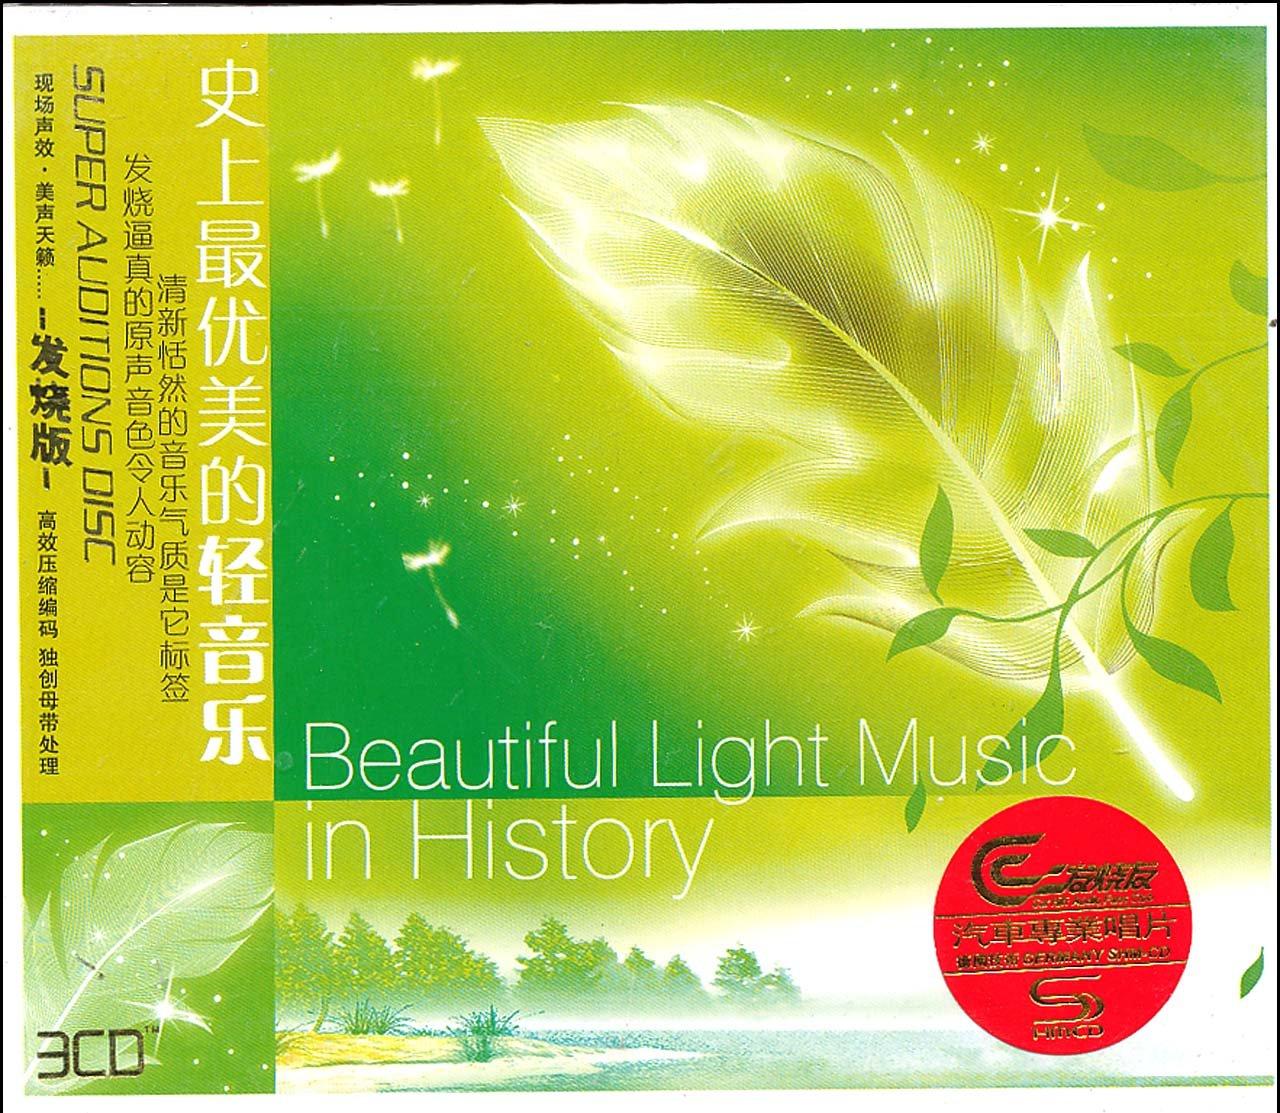 史上最优美的中国轻音乐(3cd)